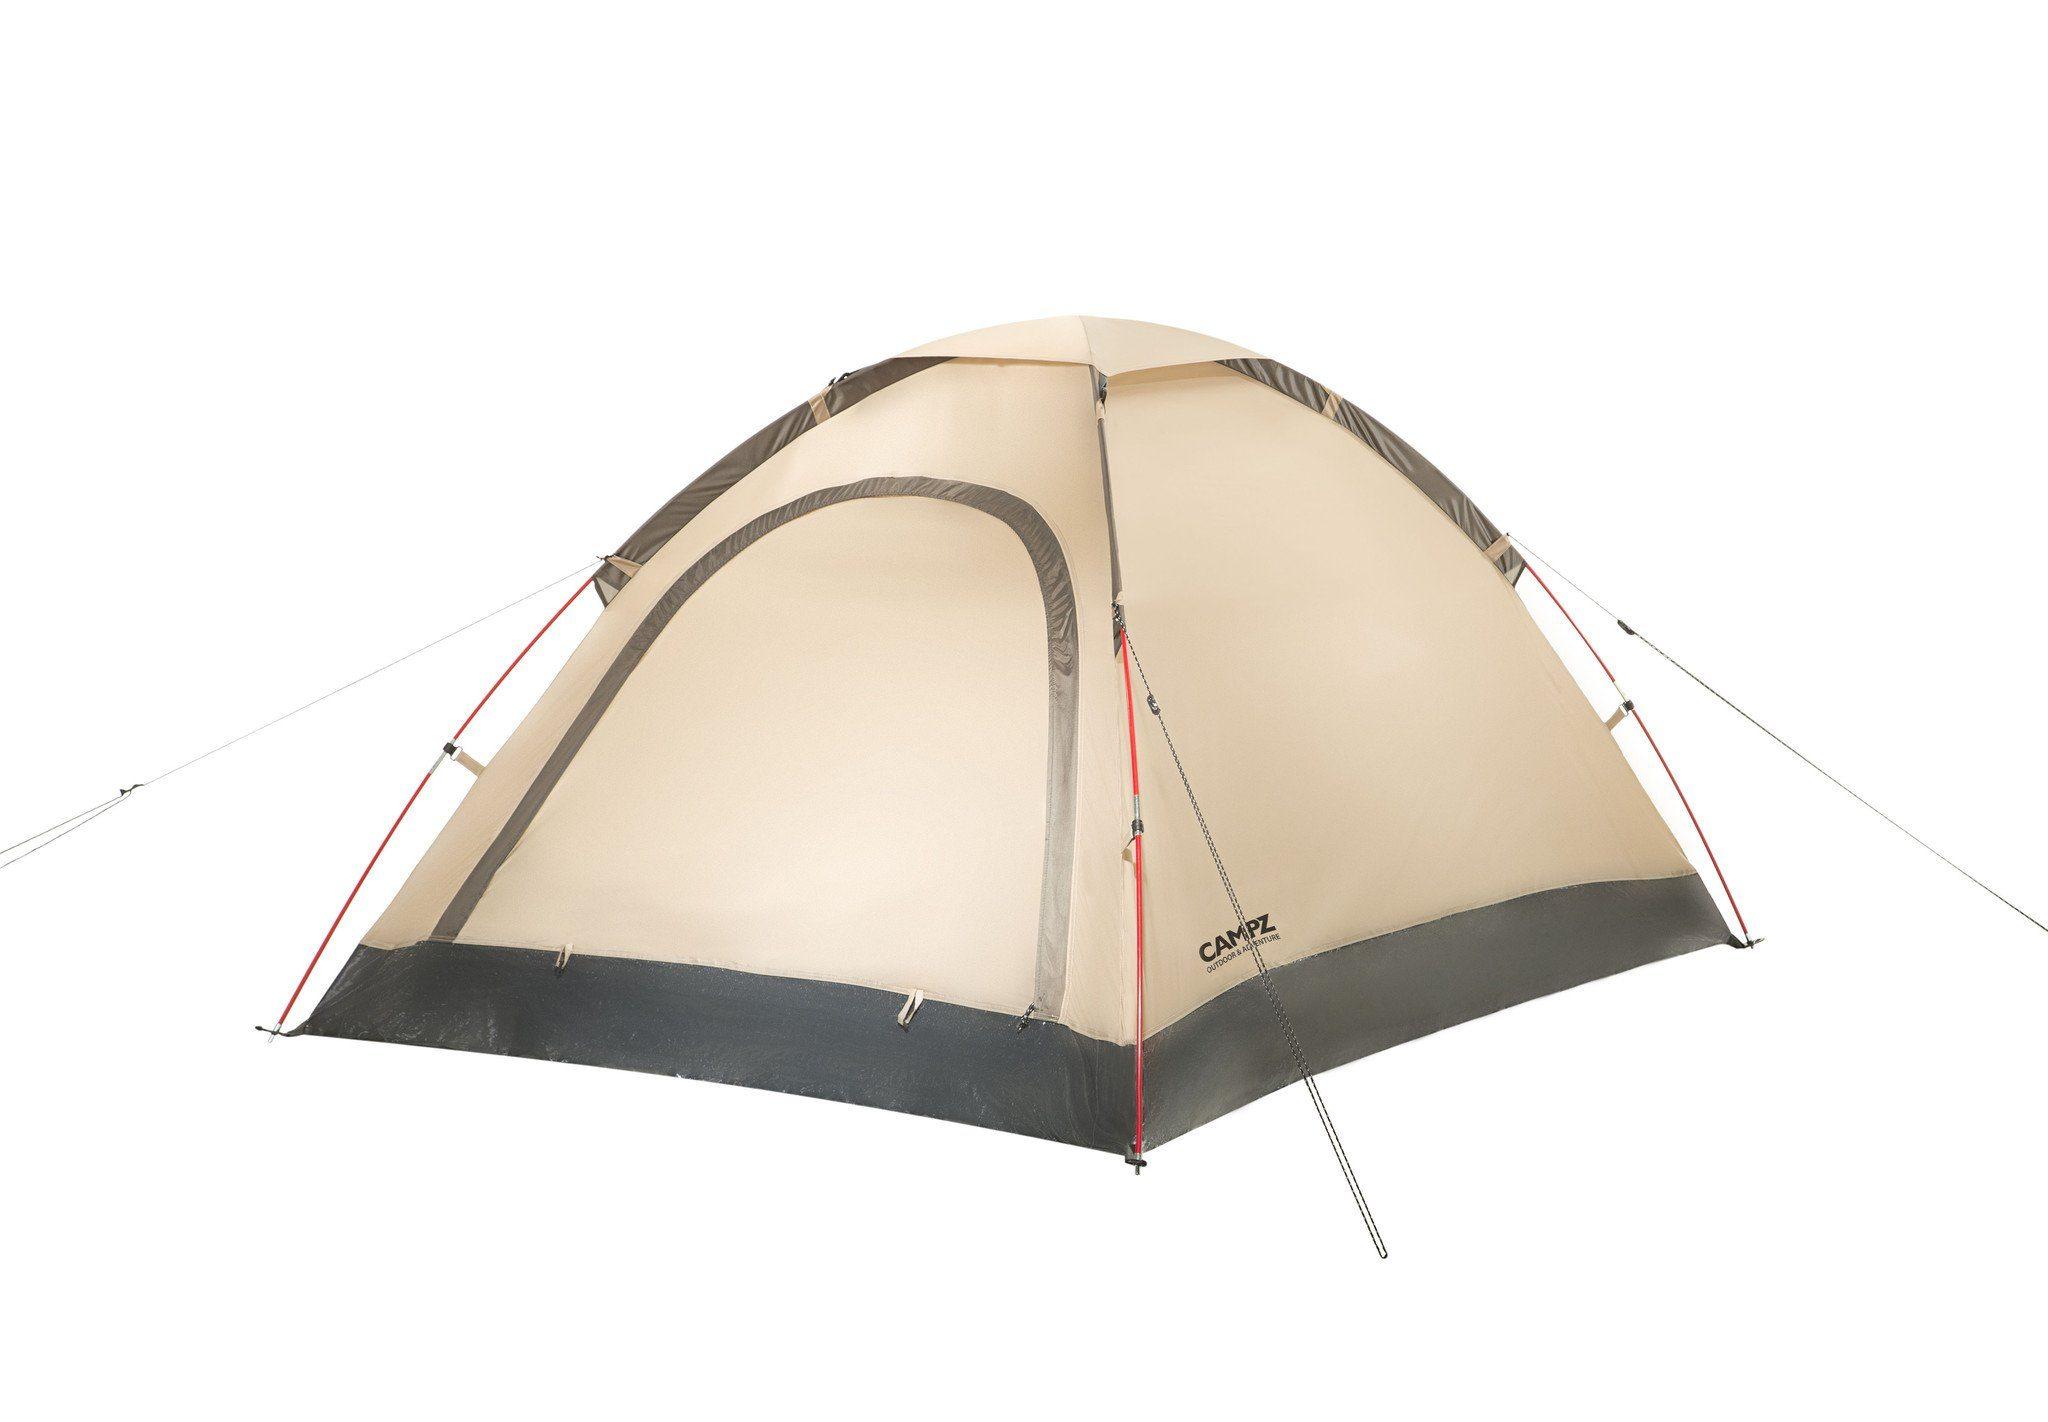 CAMPZ Zelt »Nevada 2P Zelt«, Modelljahr 2020 online kaufen | OTTO